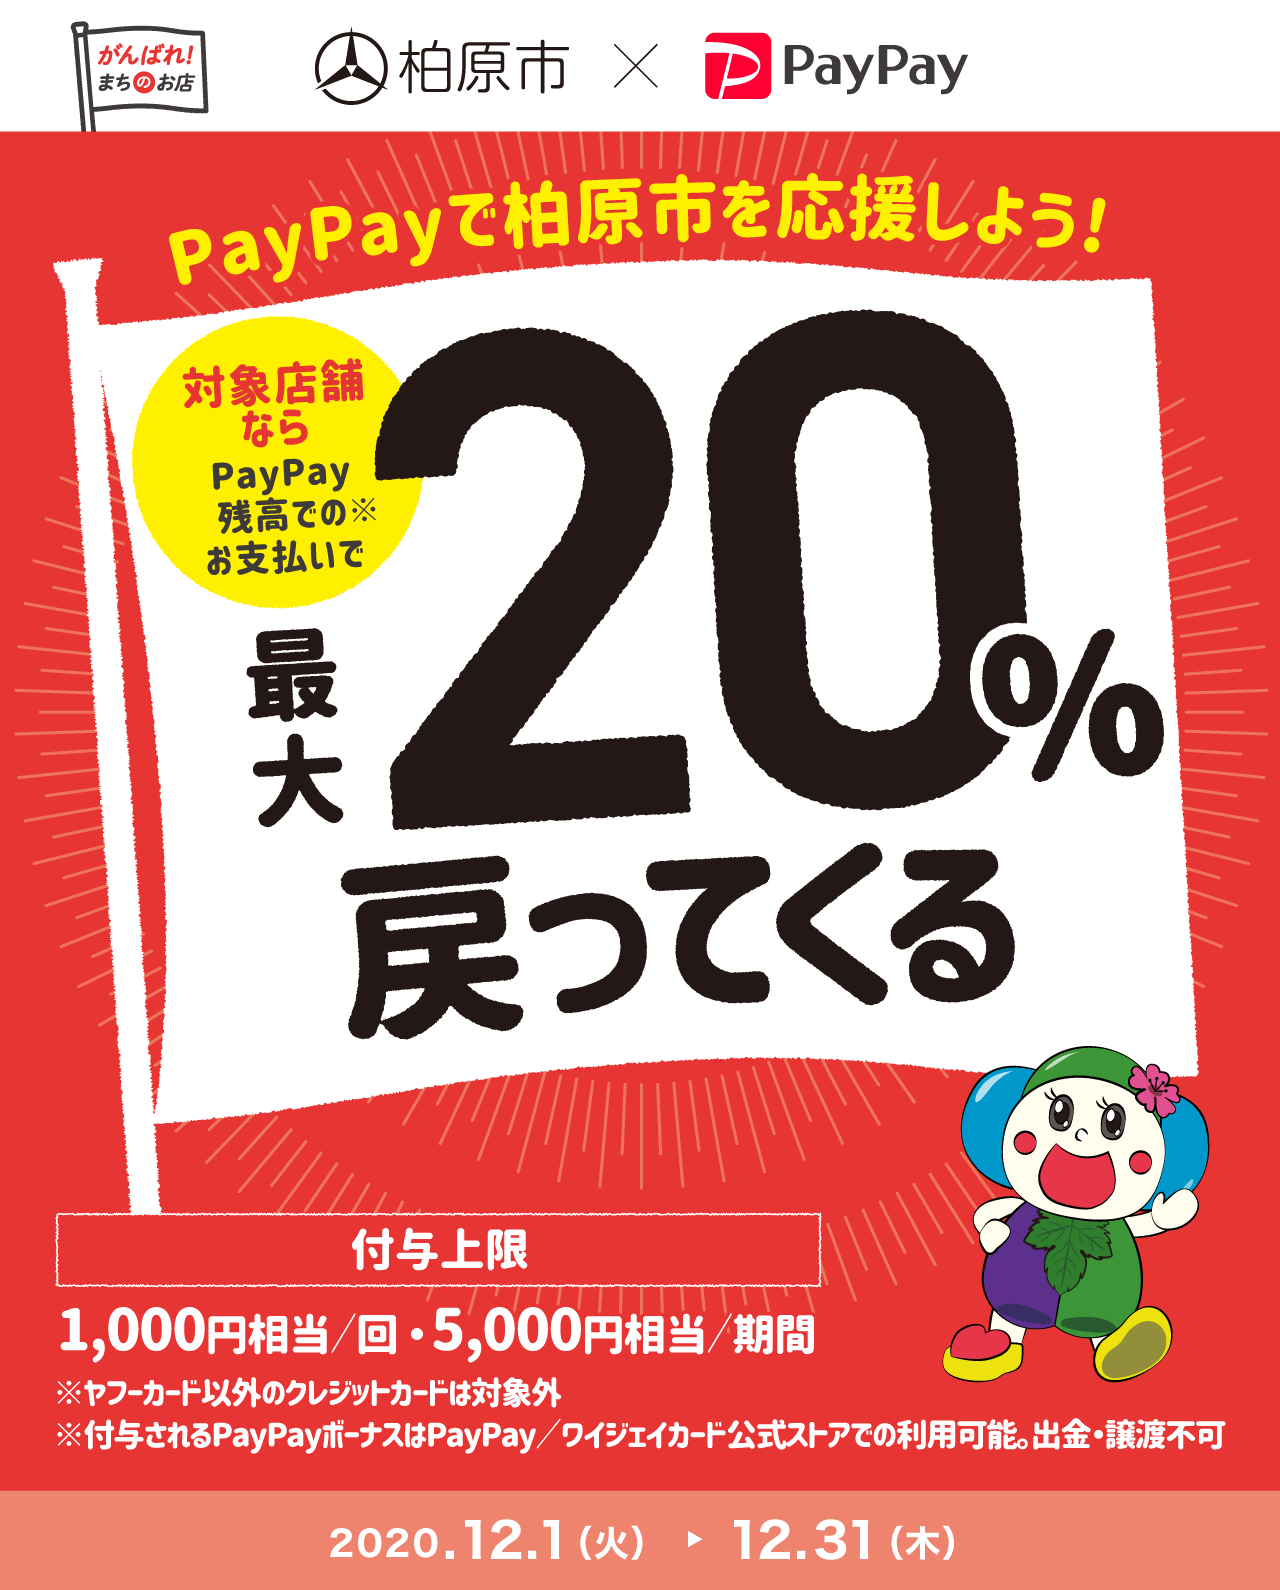 PayPayで柏原市を応援しよう! 対象店舗ならPayPay残高でのお支払いで 最大20%戻ってくる